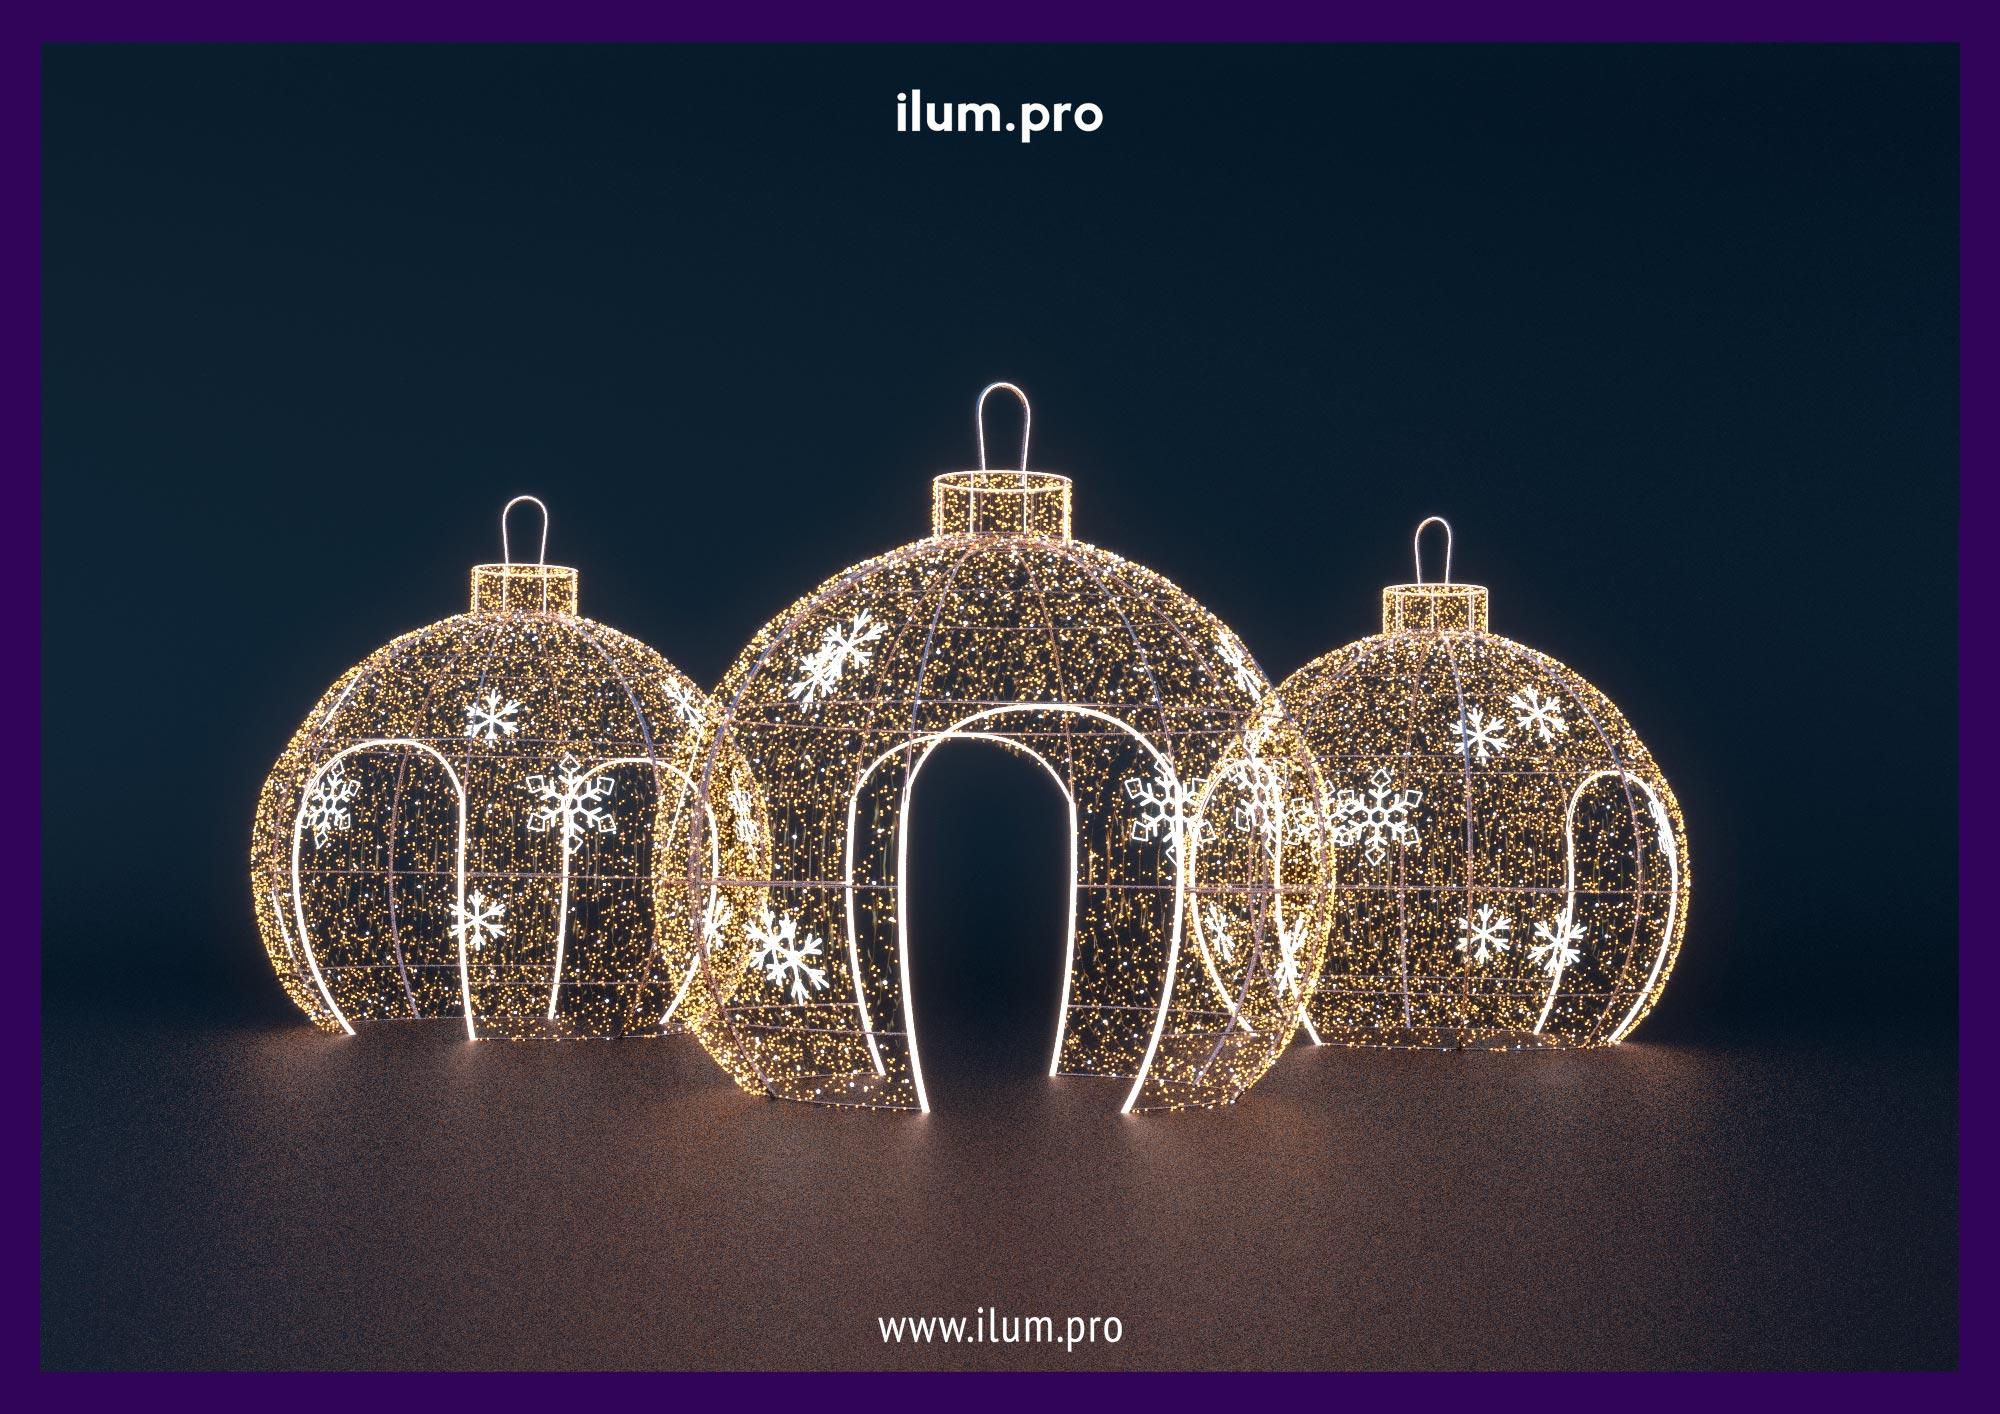 Световые шары диаметром 6 метров с гирляндами